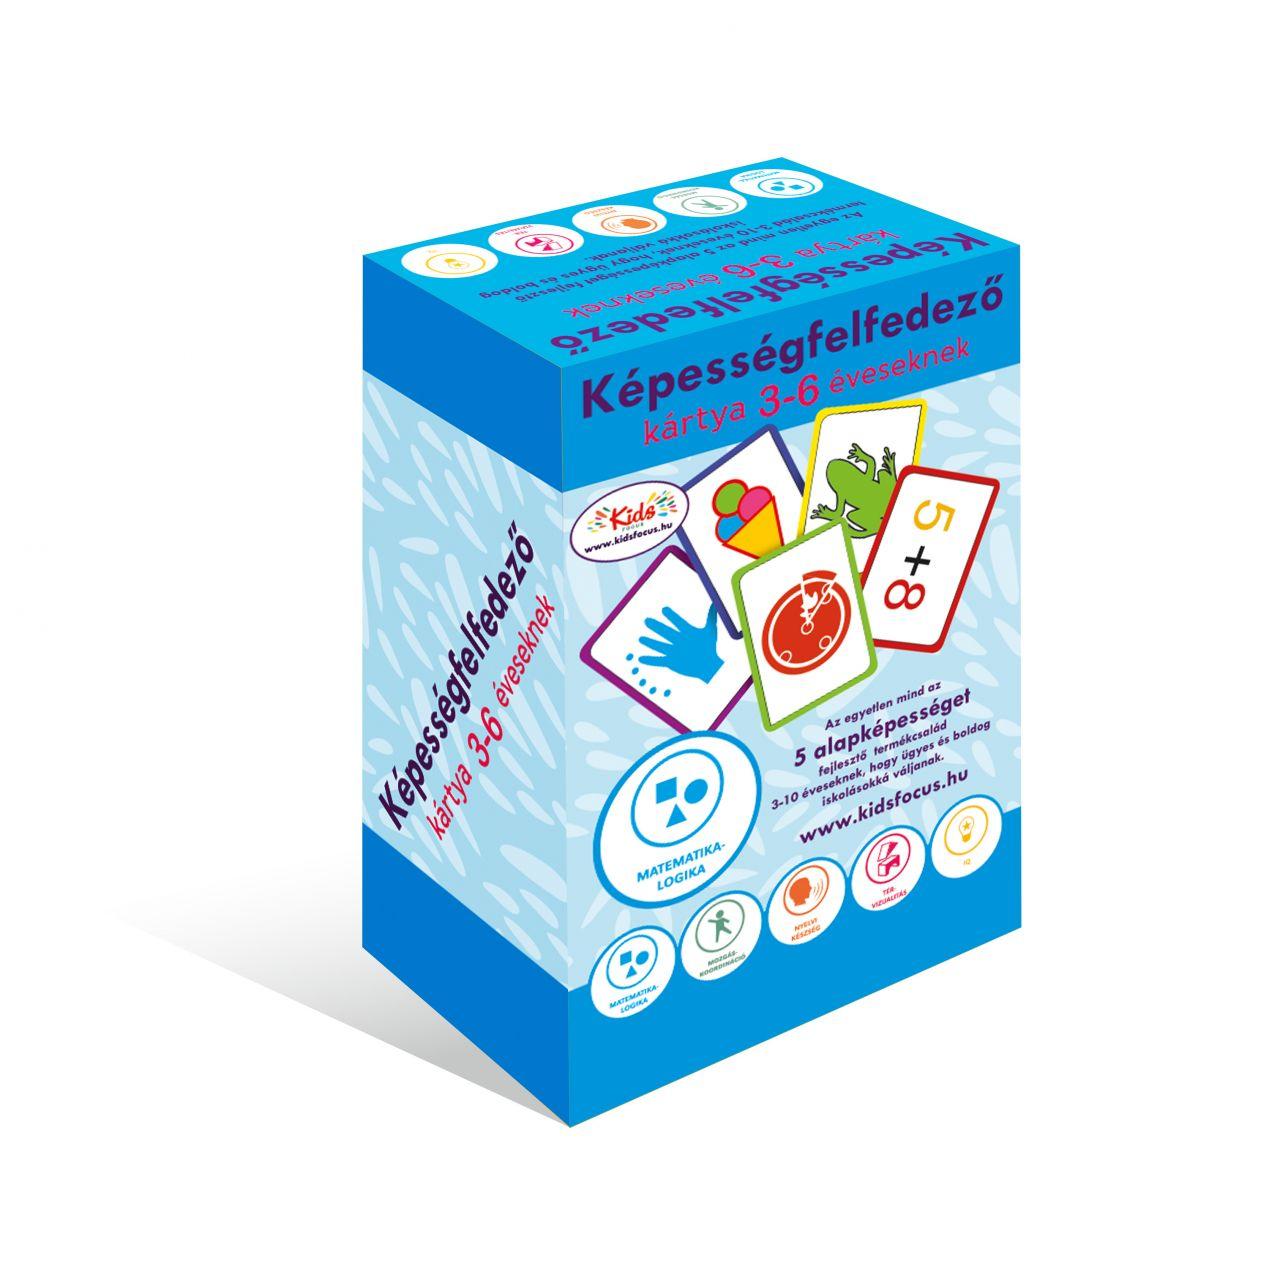 Képességfelfedező kártya 3-6 éveseknek MATEMATIKA-LOGIKA